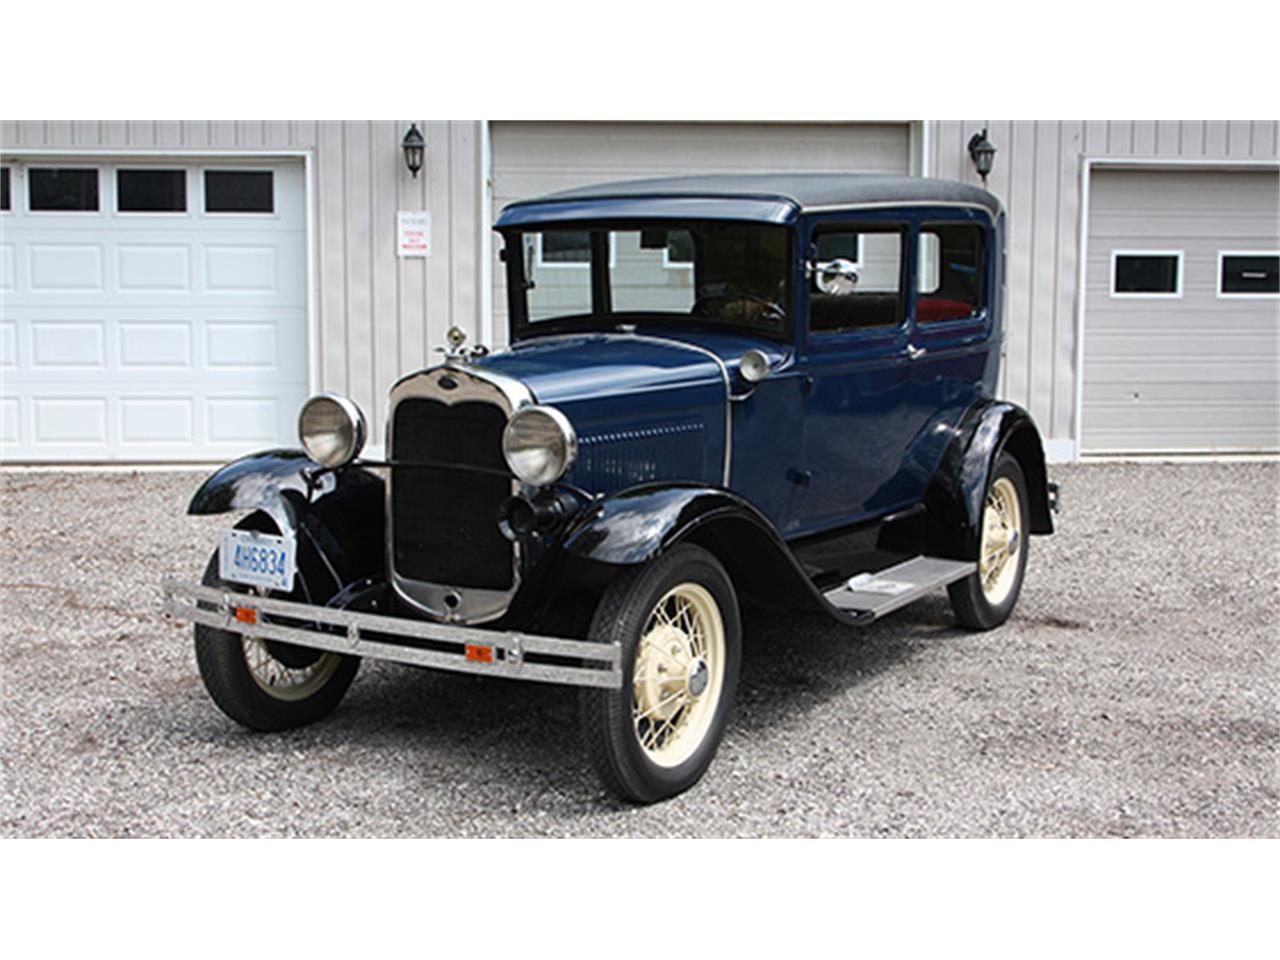 1930 Ford Model A Tudor Sedan for sale #81566 | MCG